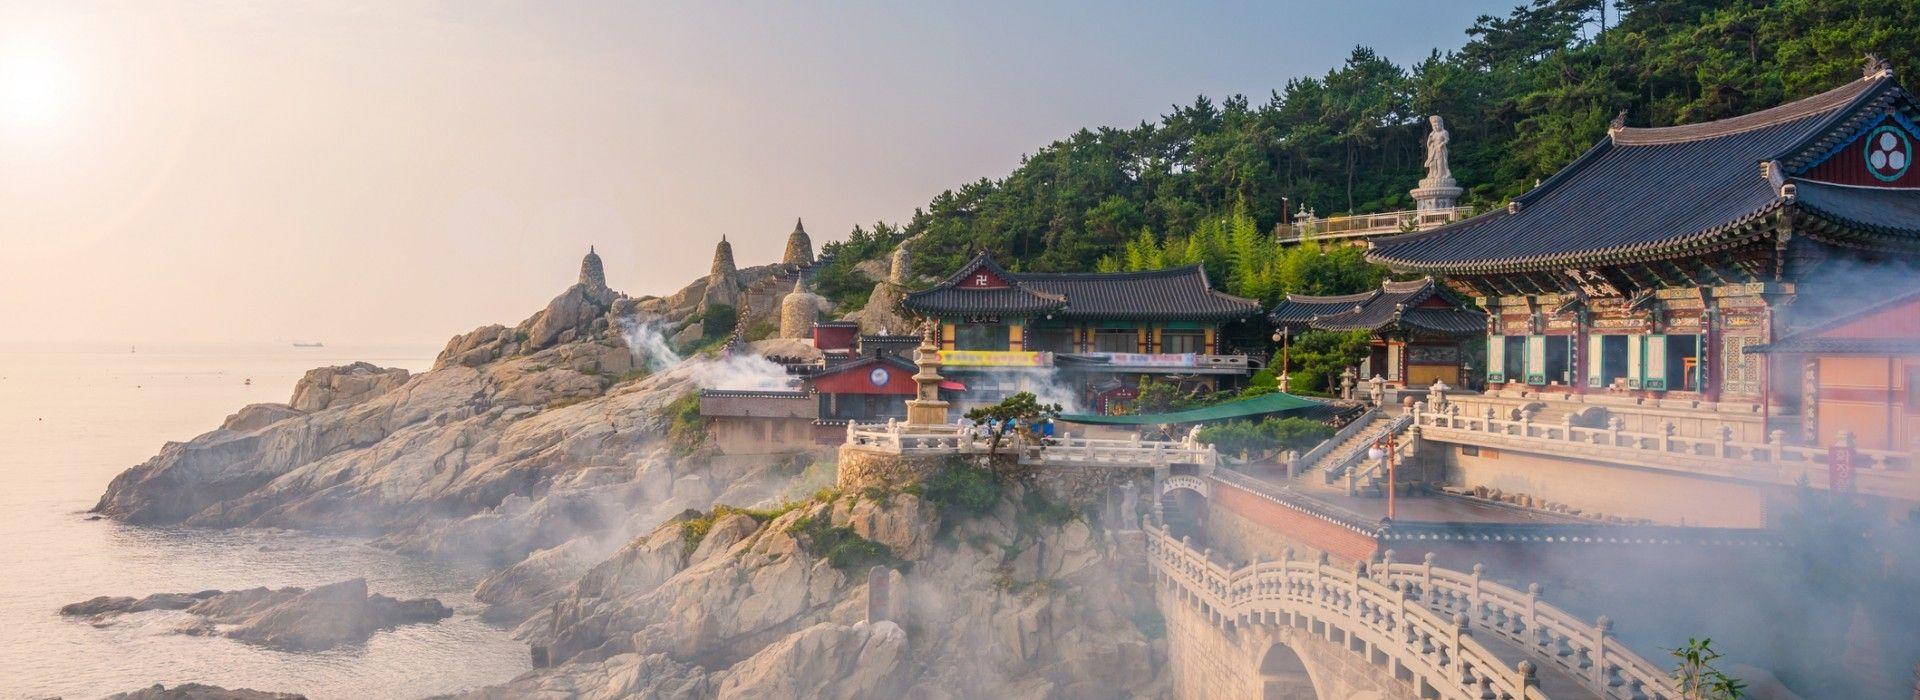 Boseong County Tours